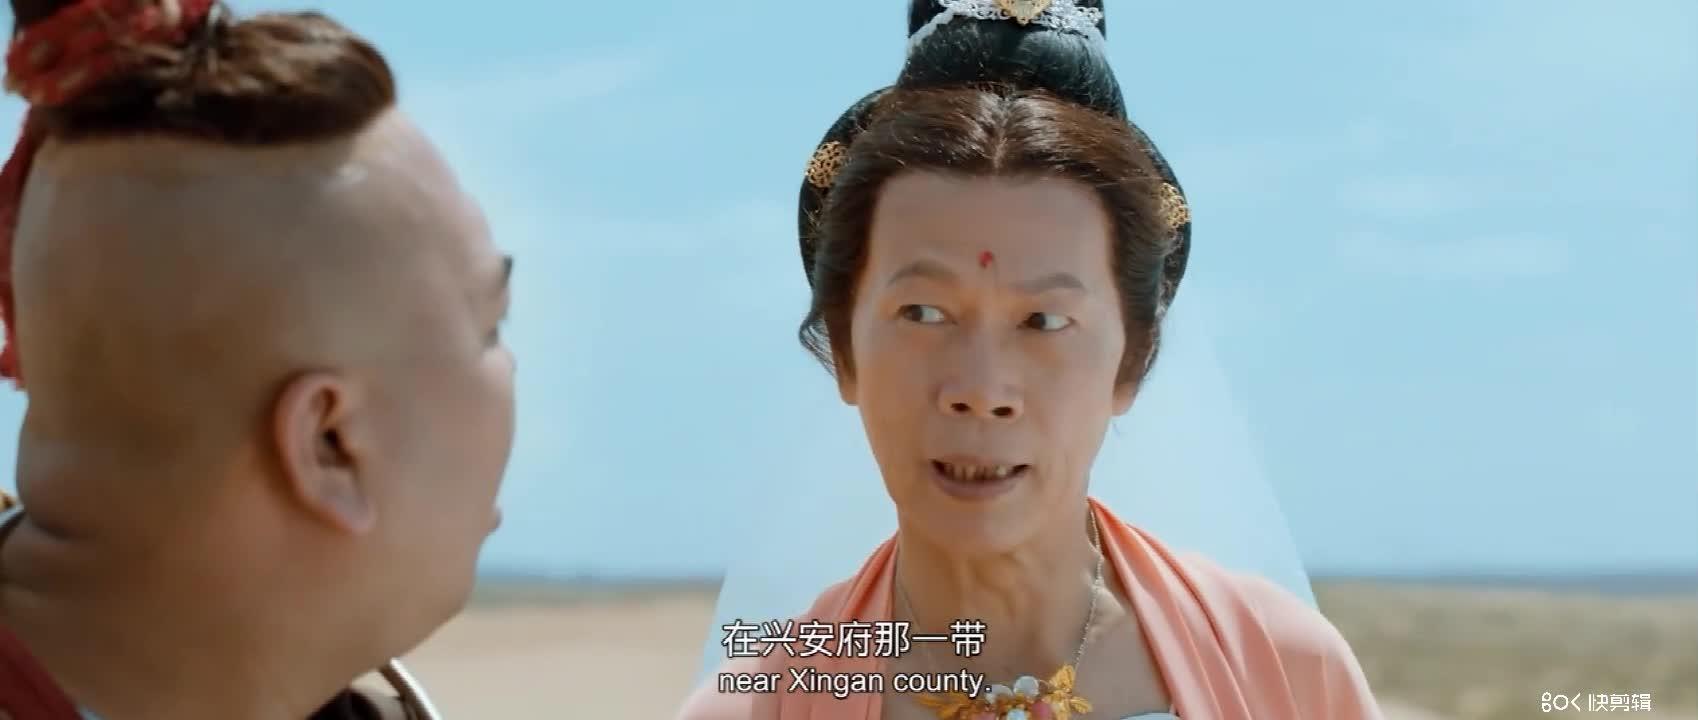 #电影最前线#《八戒降魔2万妖之王》片段:罗家英搞笑演绎天外飞仙